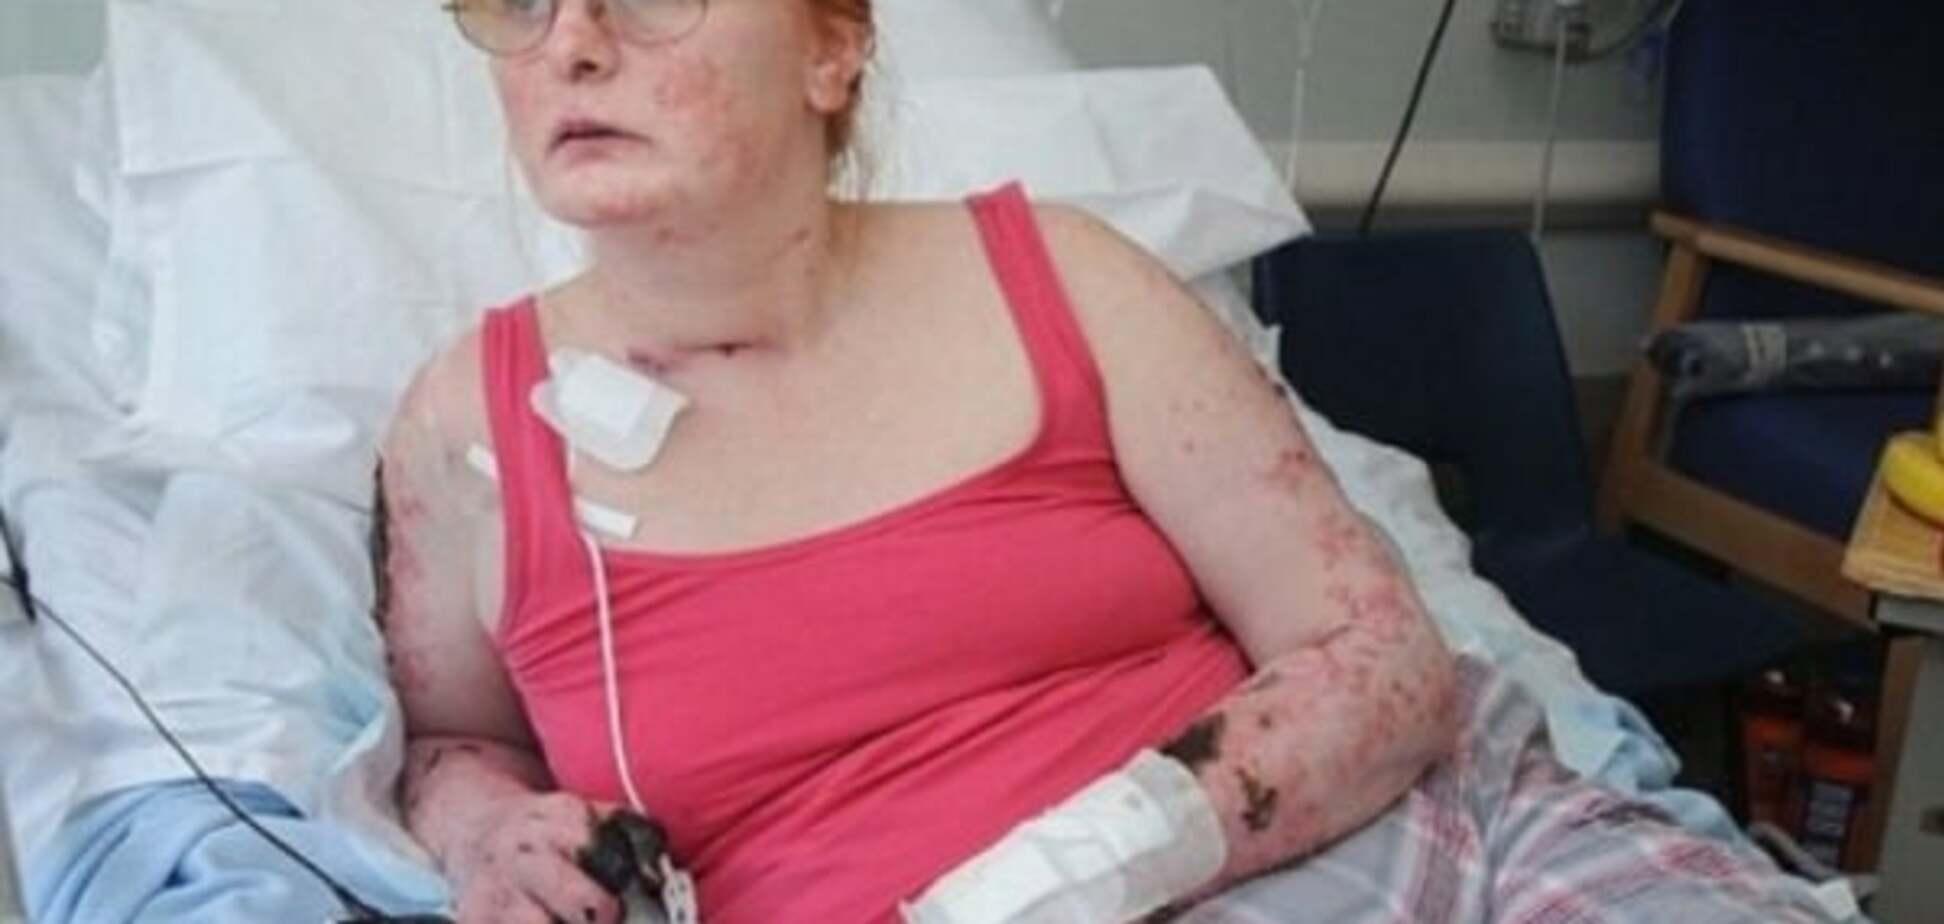 Думала что простуда: женщине ампутируют три конечности, вследствие редкого заражения крови. Фото